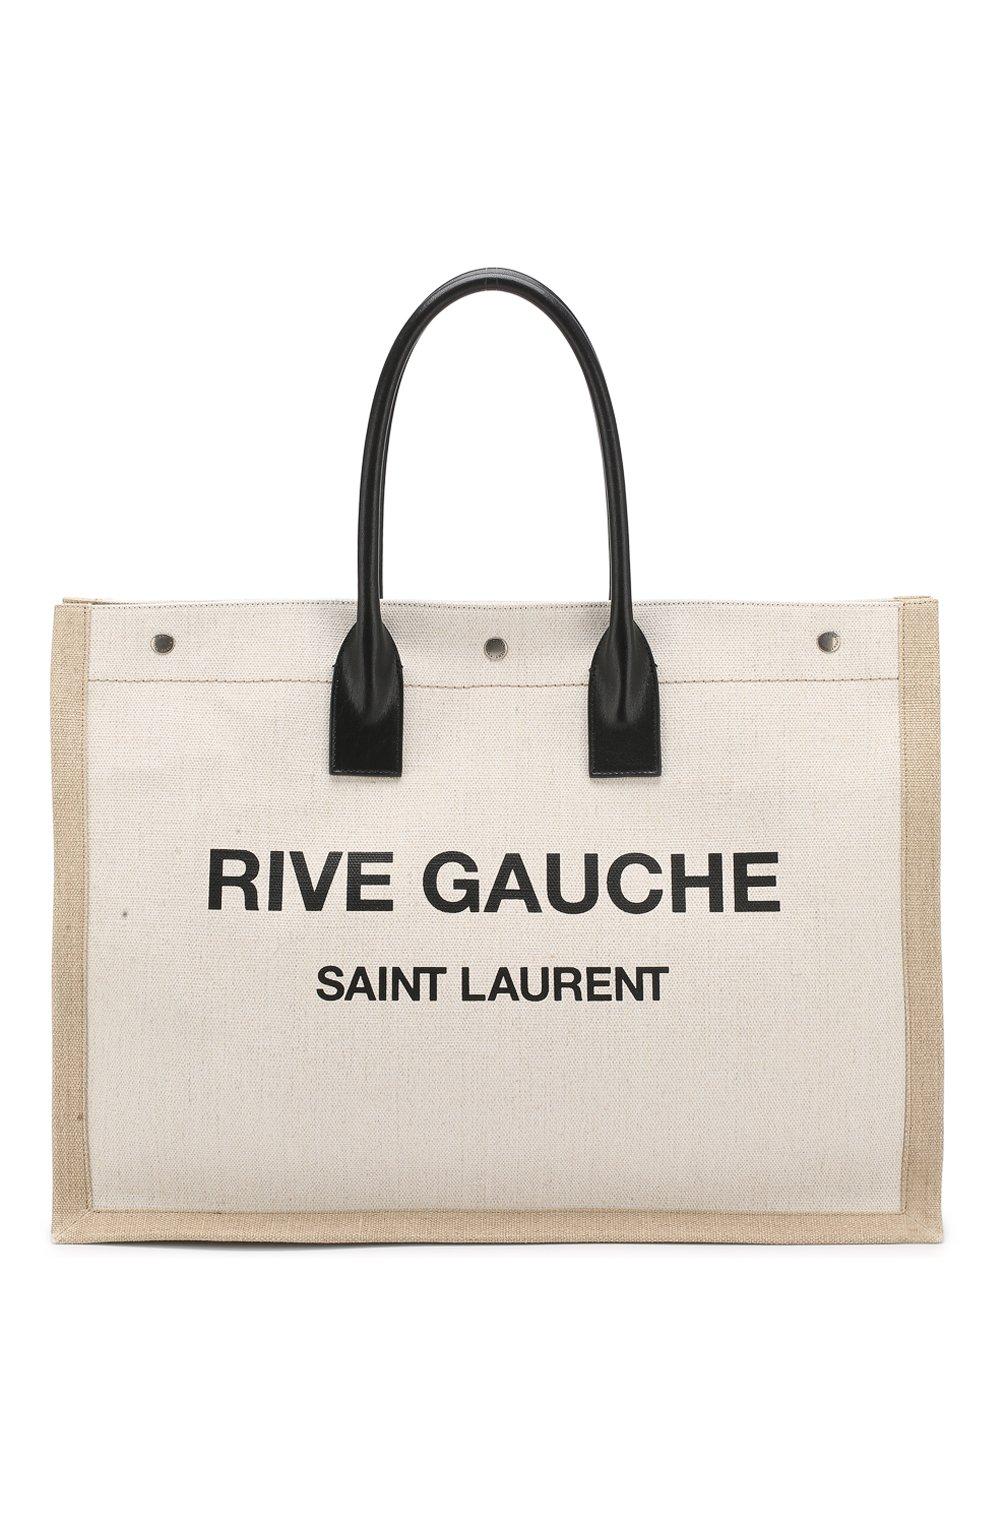 Сумка Noe Saint Laurent черно-белая цвета   Фото №1